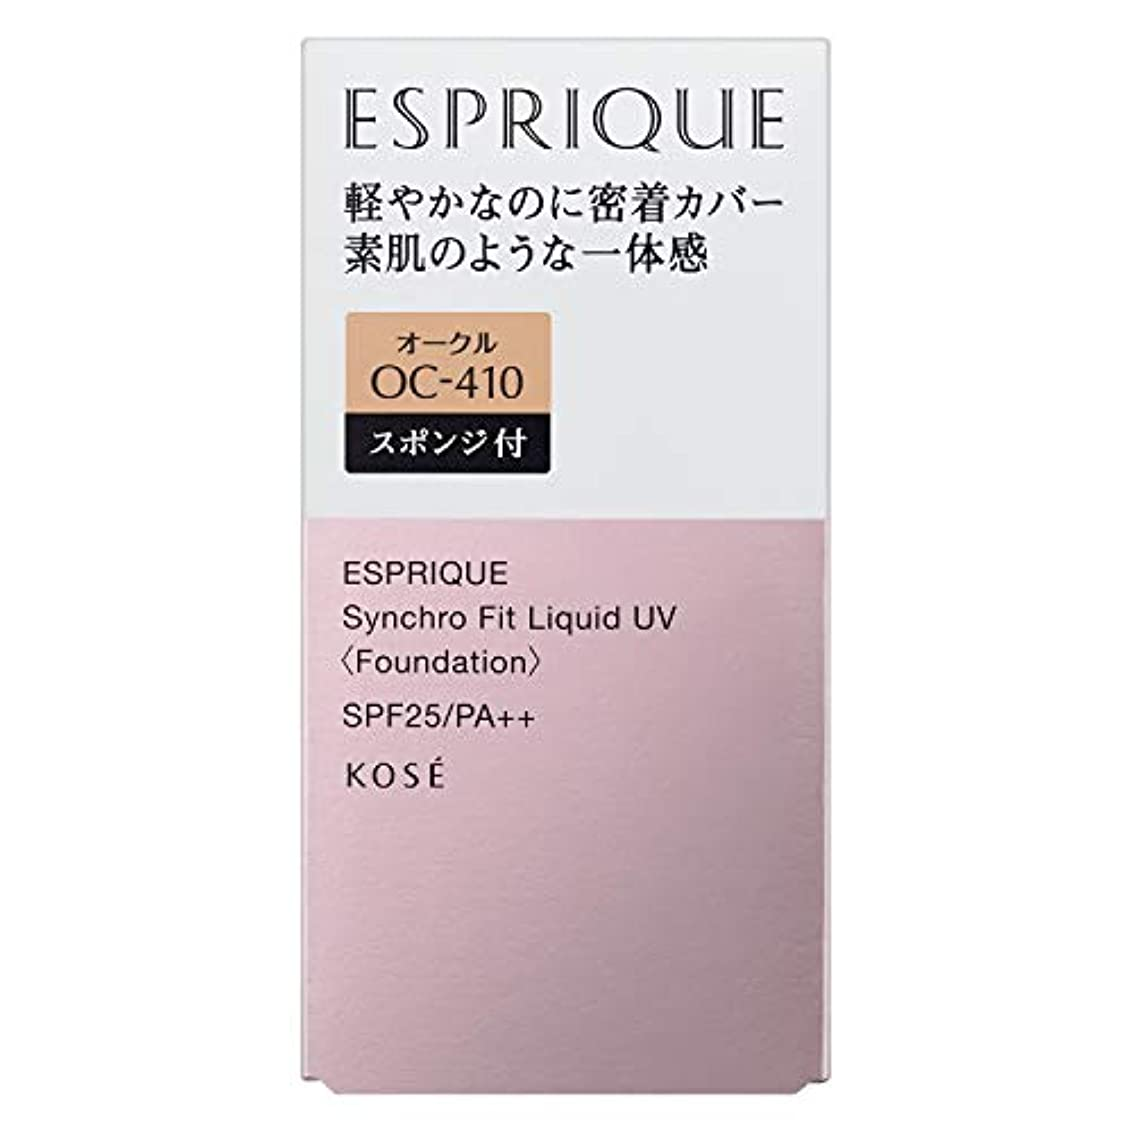 保全お世話になったぶら下がるESPRIQUE(エスプリーク) エスプリーク シンクロフィット リキッド UV ファンデーション 無香料 OC-410 オークル 30g